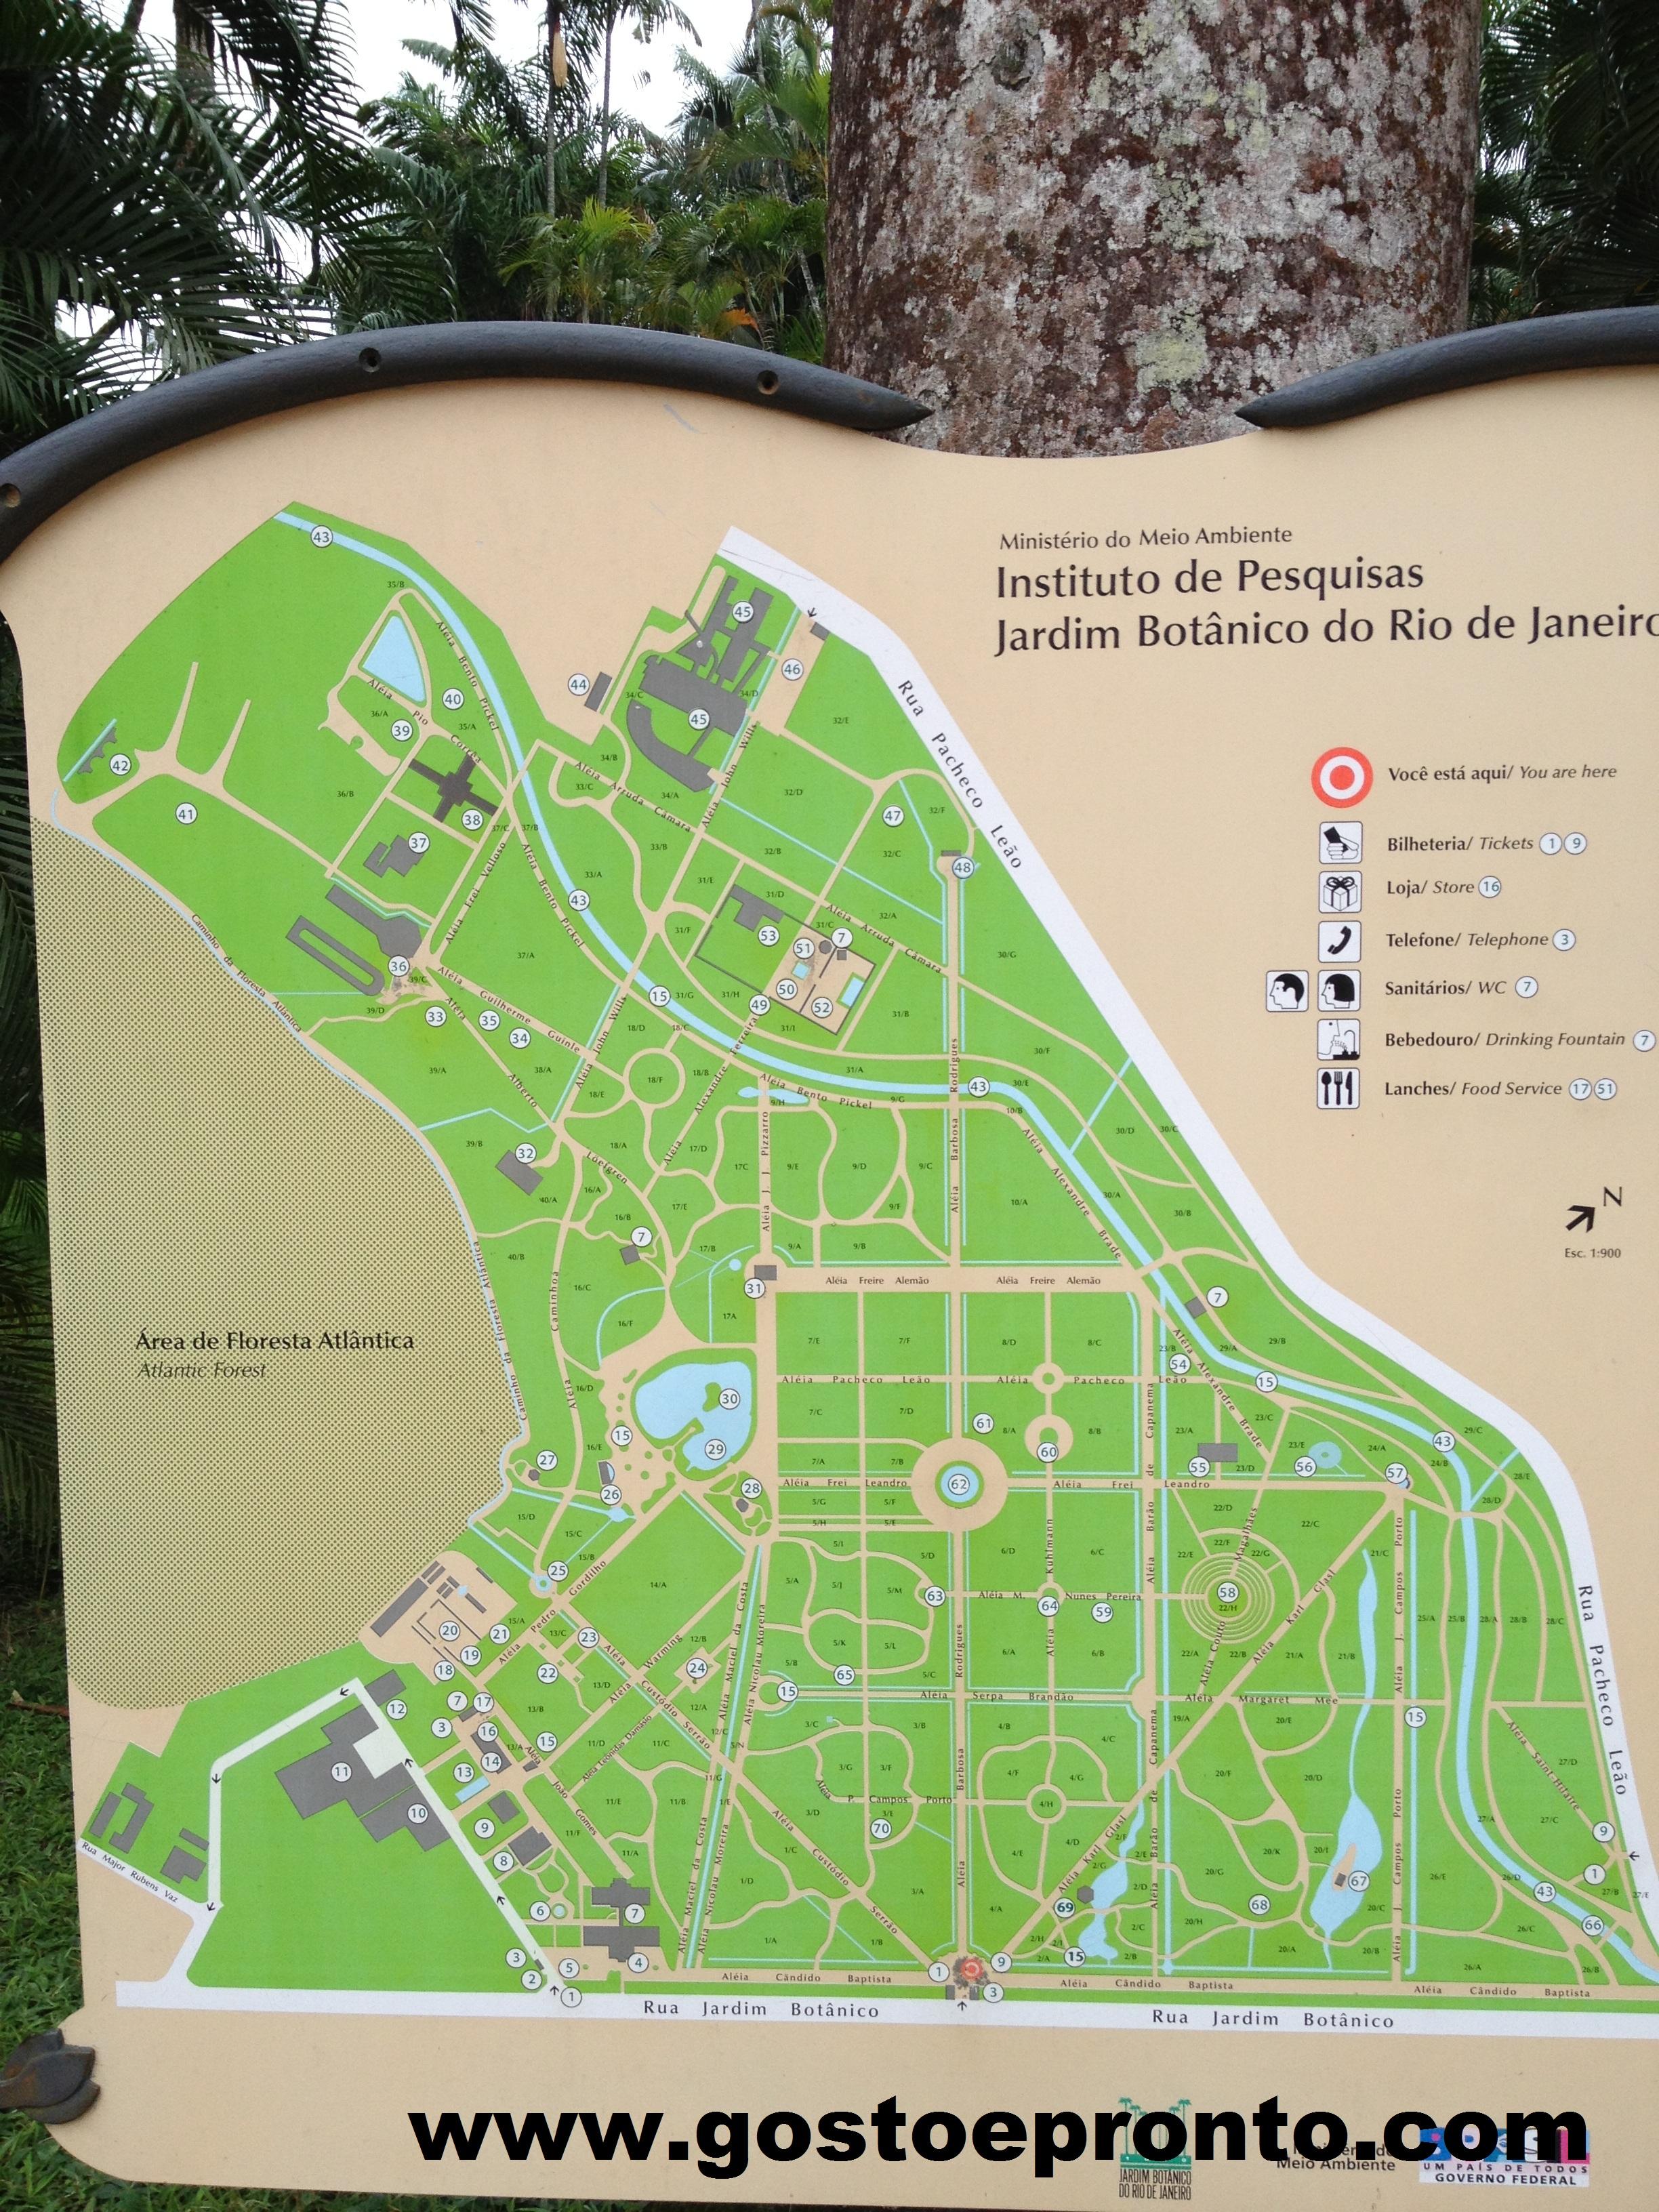 casamento no jardim botanico rio de janeiro : casamento no jardim botanico rio de janeiro:Rio de Janeiro – Jardim Botânico